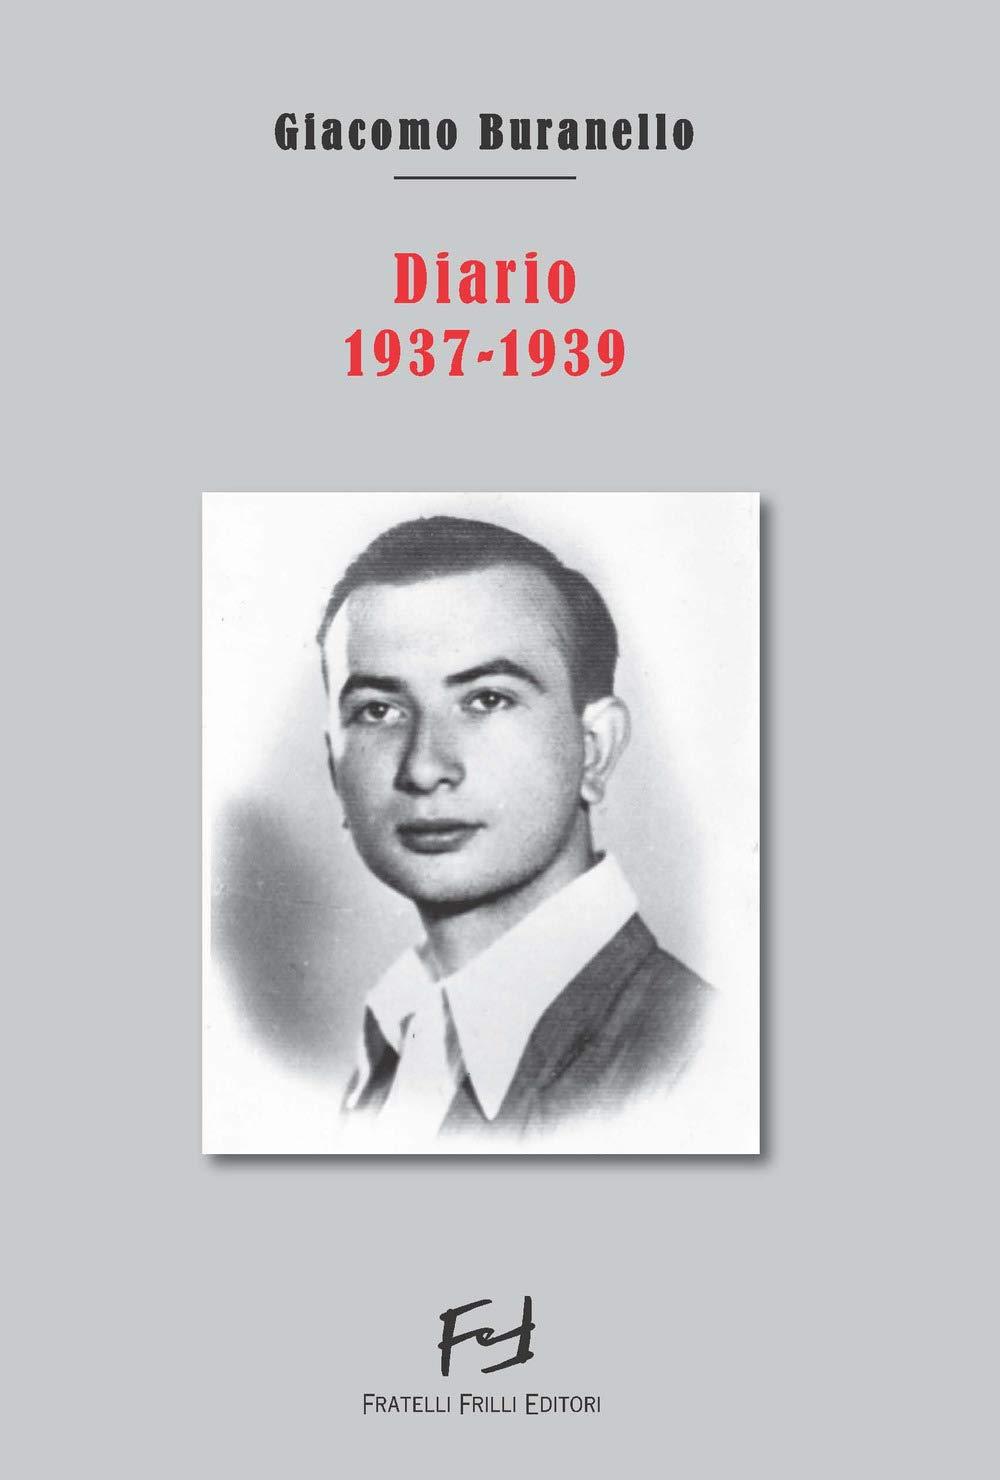 Giacomo Buranello Diario 1937-1939